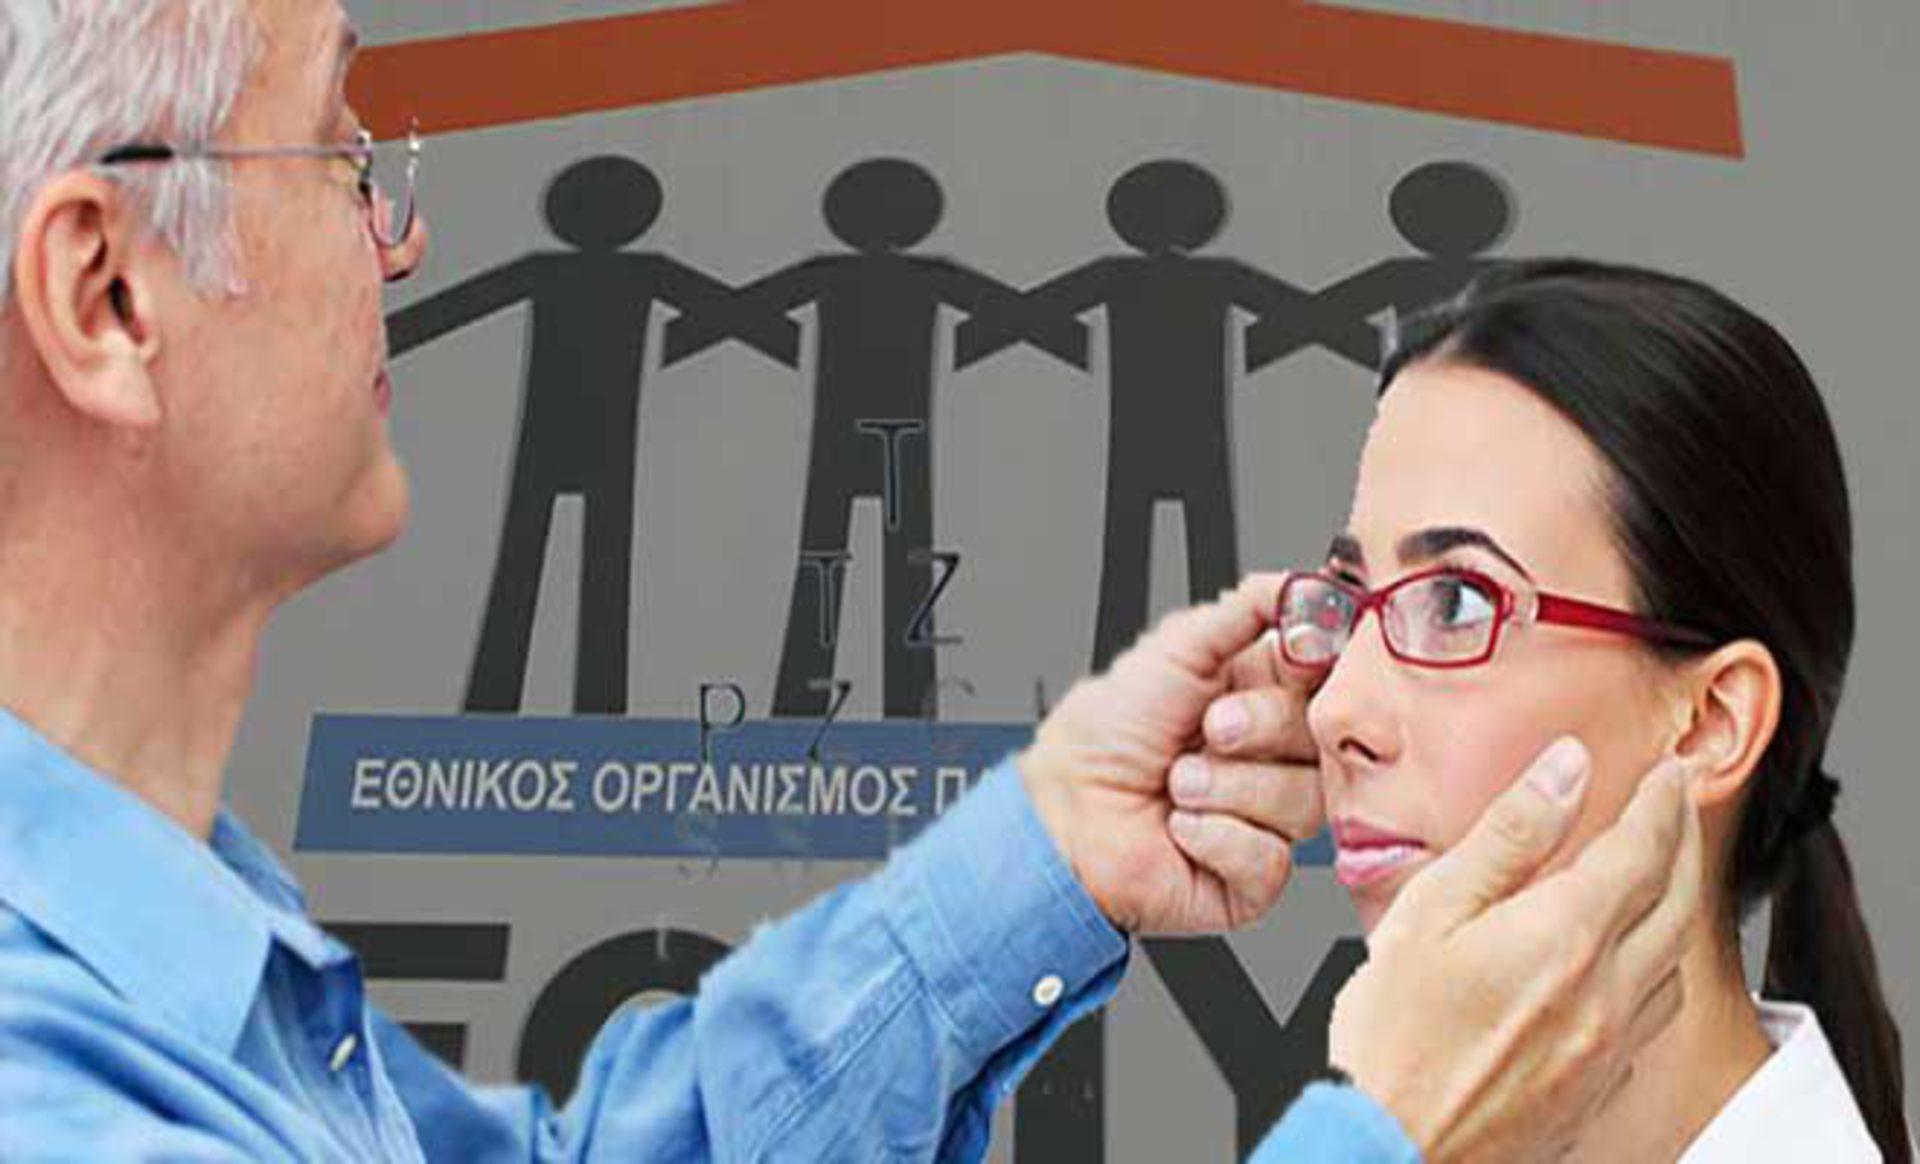 Με voucher και χωρίς προπληρωμή τα γυαλιά όρασης στους δικαιούχους 45423a593fa